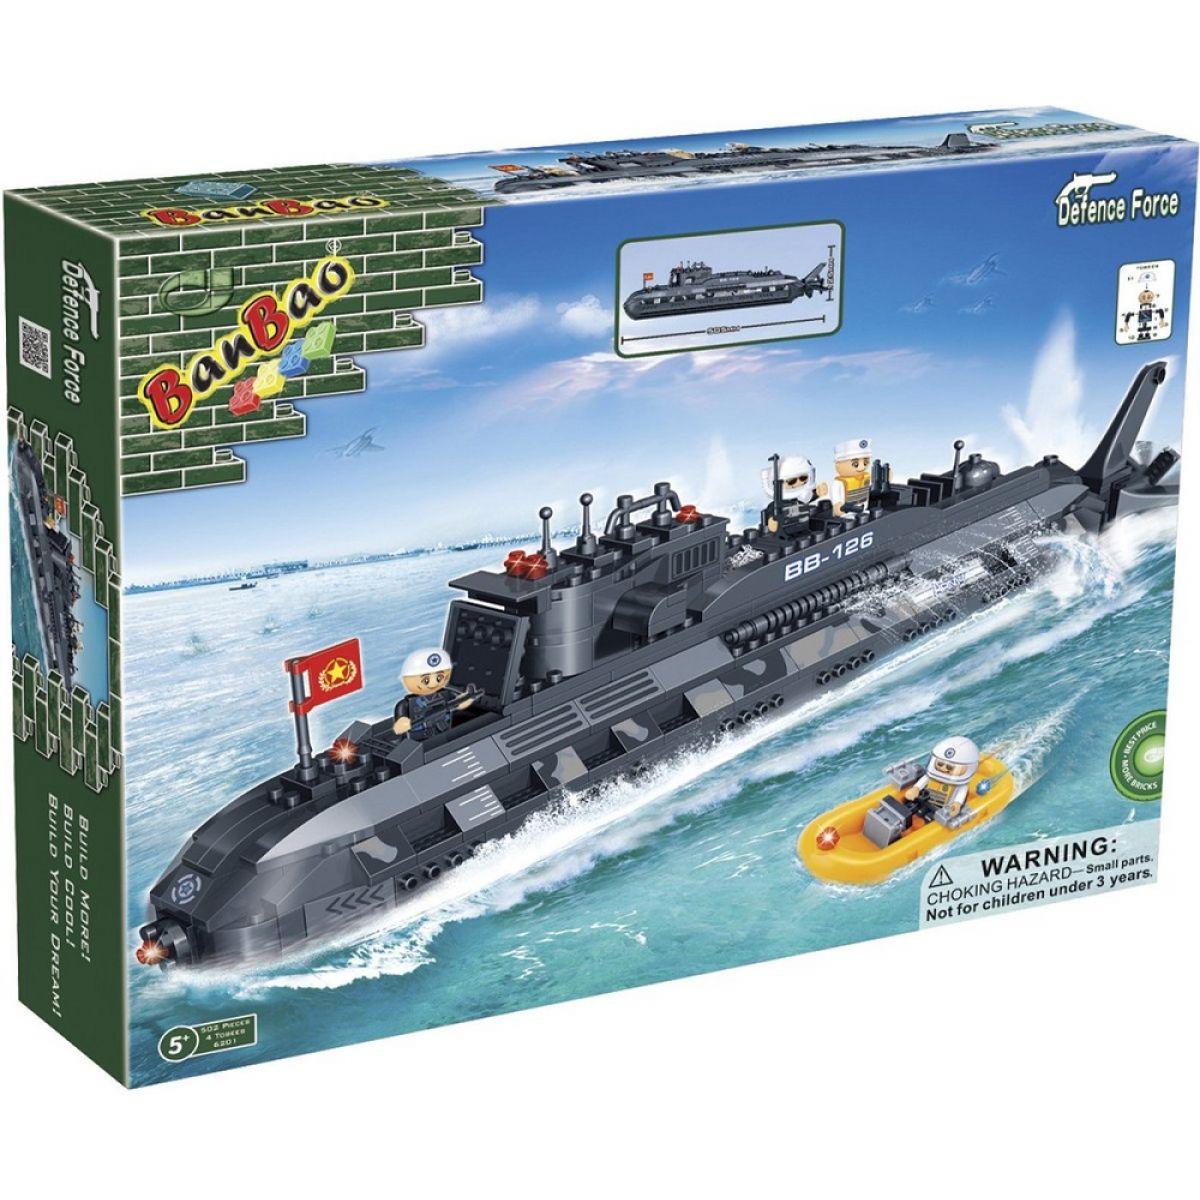 Banbao Armáda 6201 Ponorka BB-126